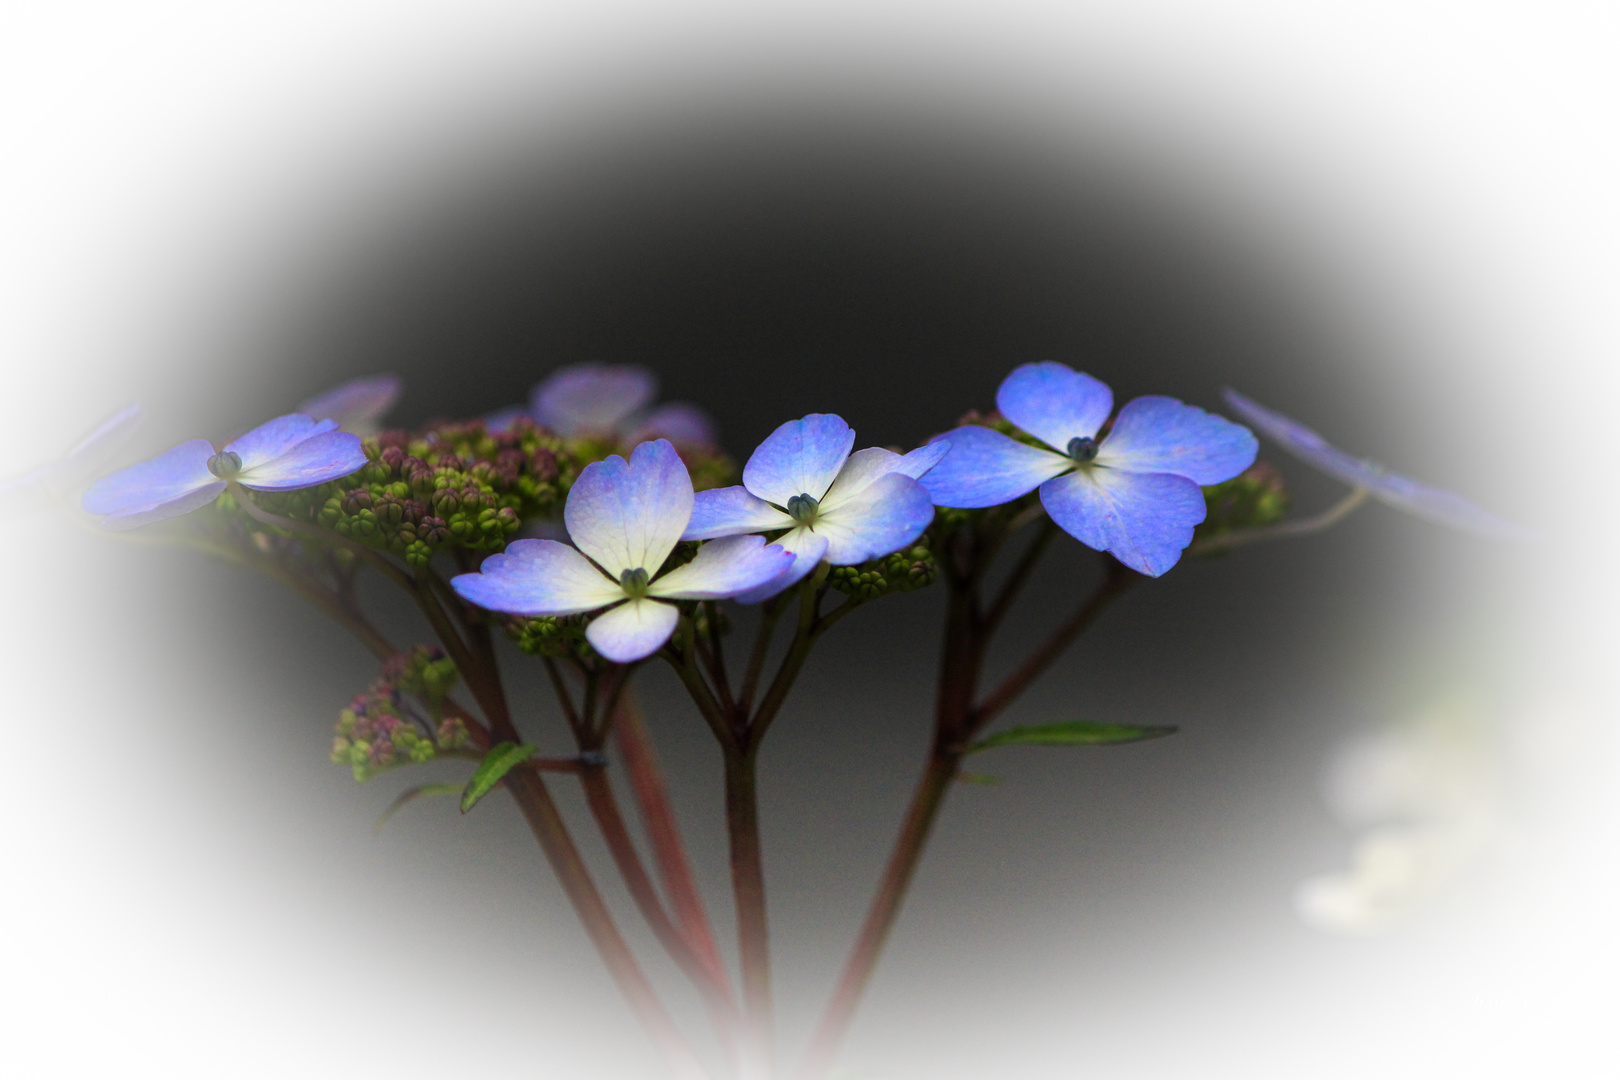 ganz flache Blüte